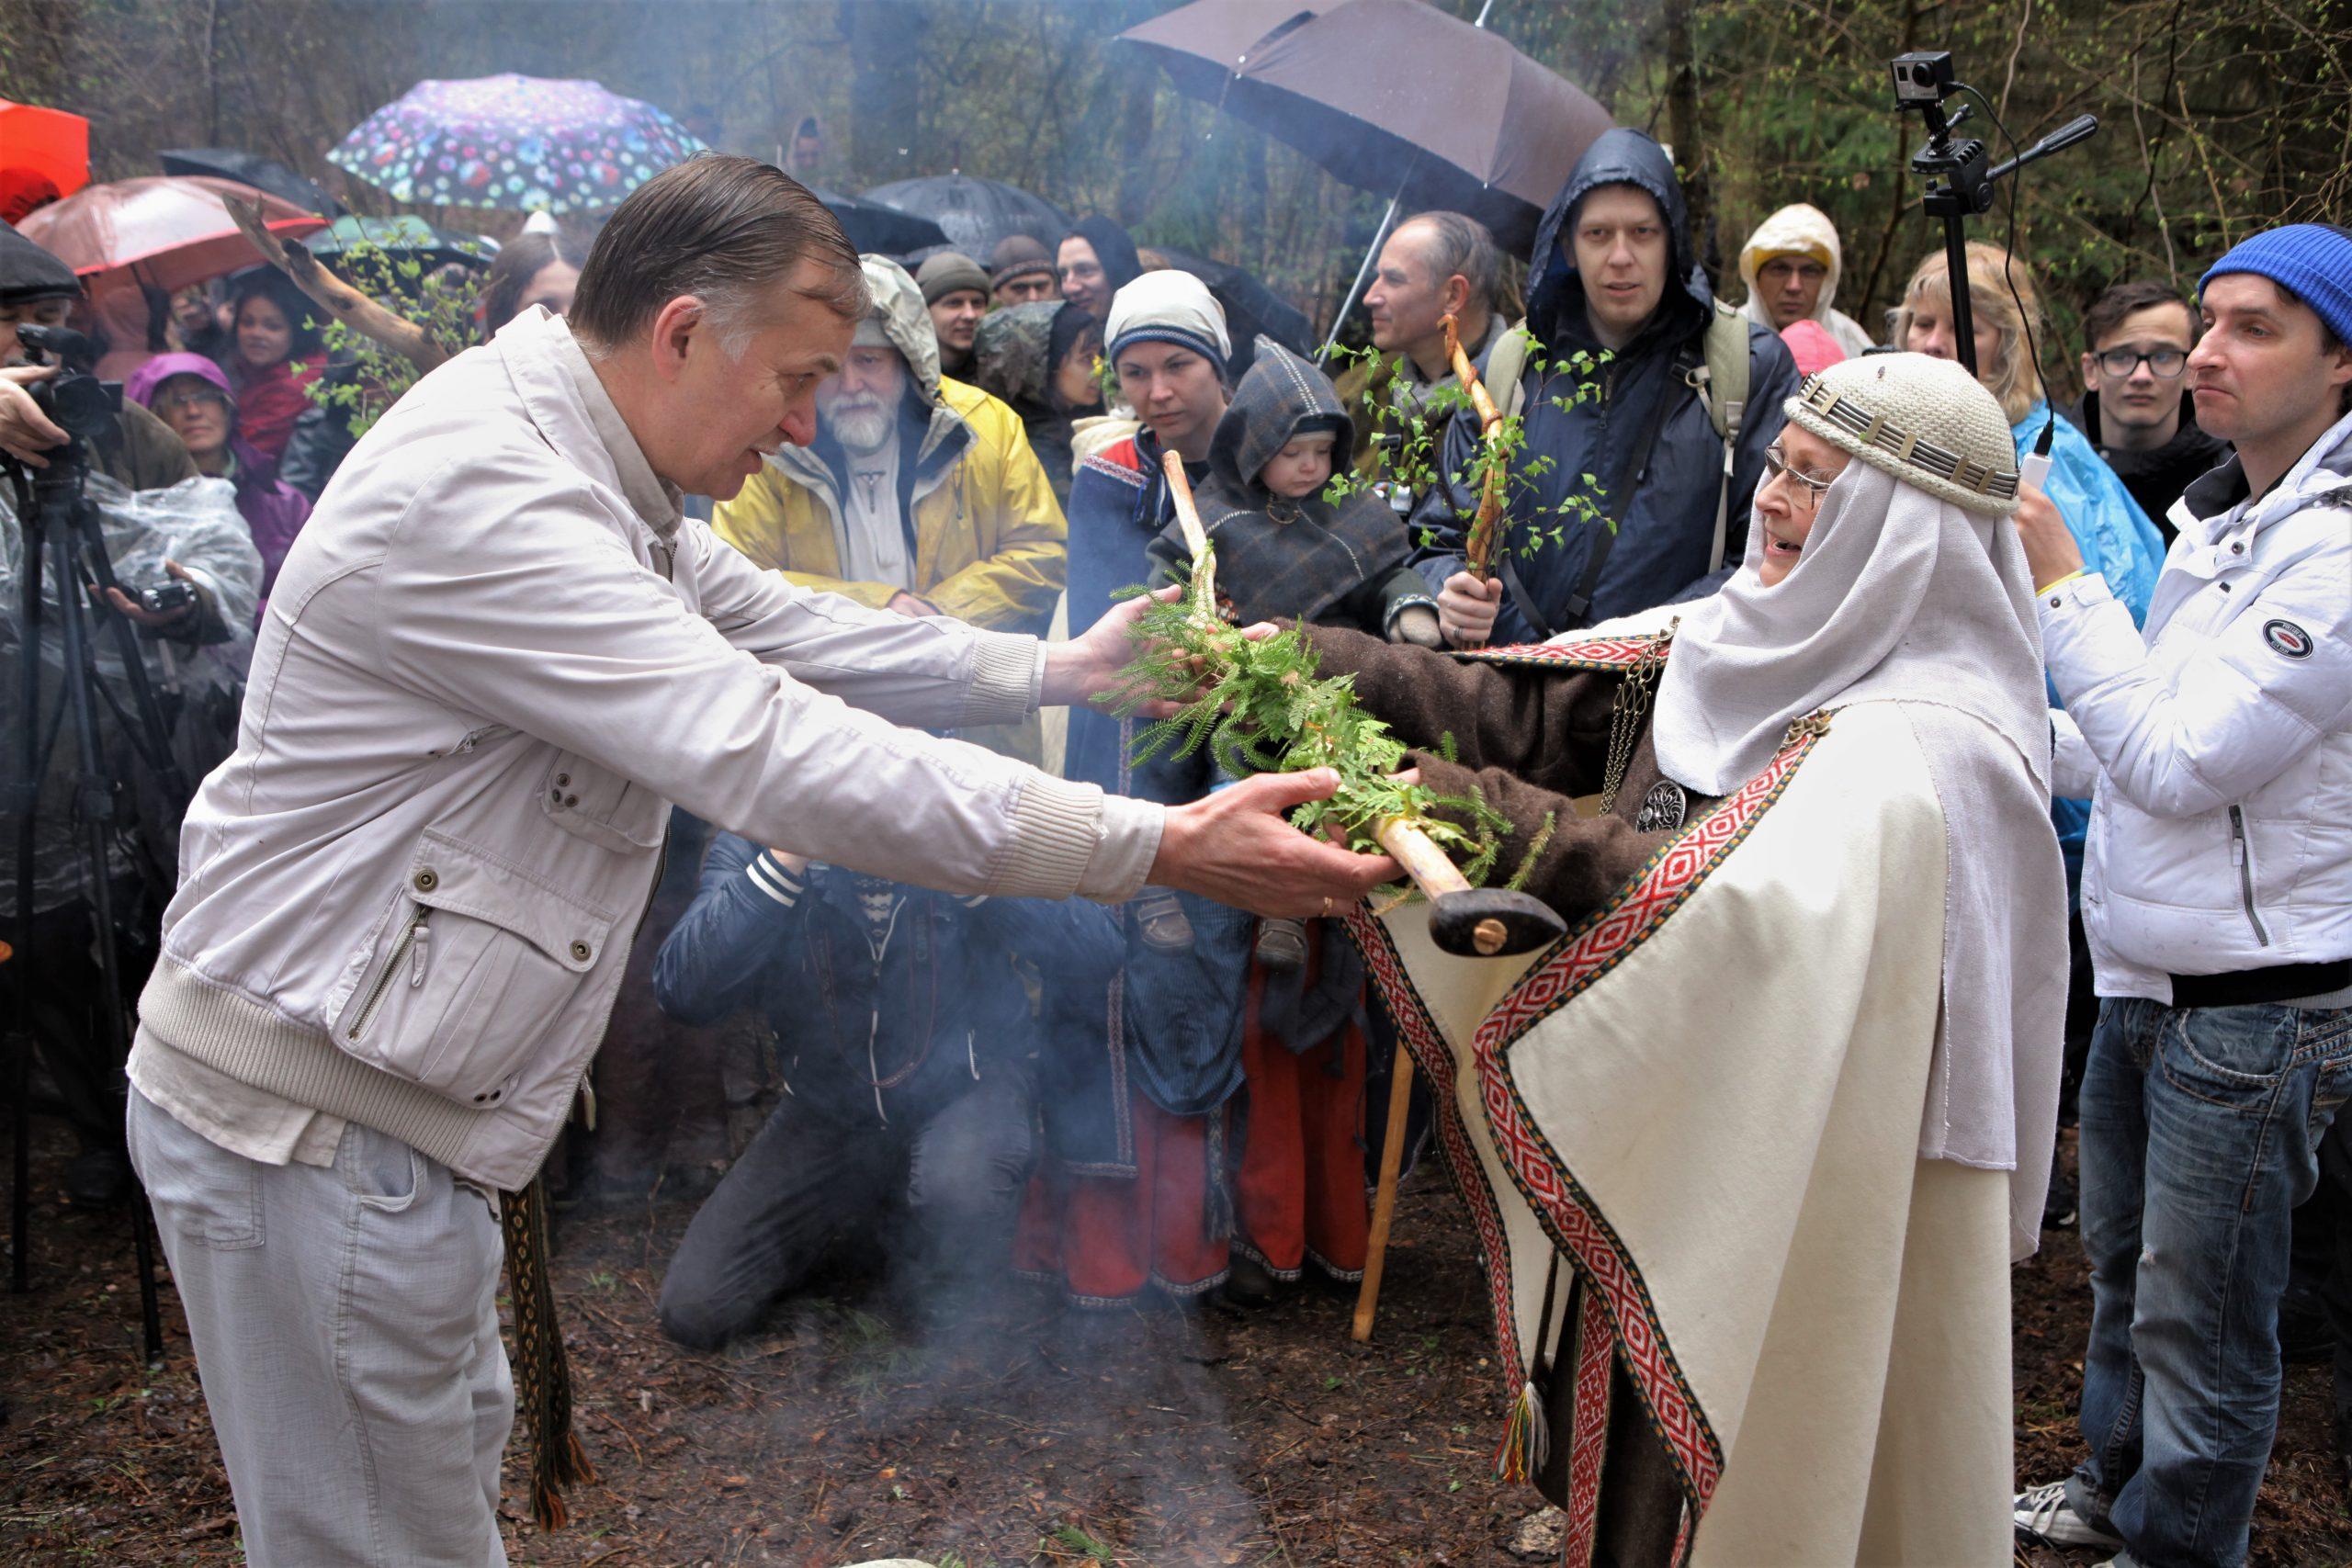 Lietuvos Romuvos Krivė įšvenčia Eugenijų Martinkų į Romuvos vaidilas, Kulionys 2016 m. | K. Driskiaus nuotr.